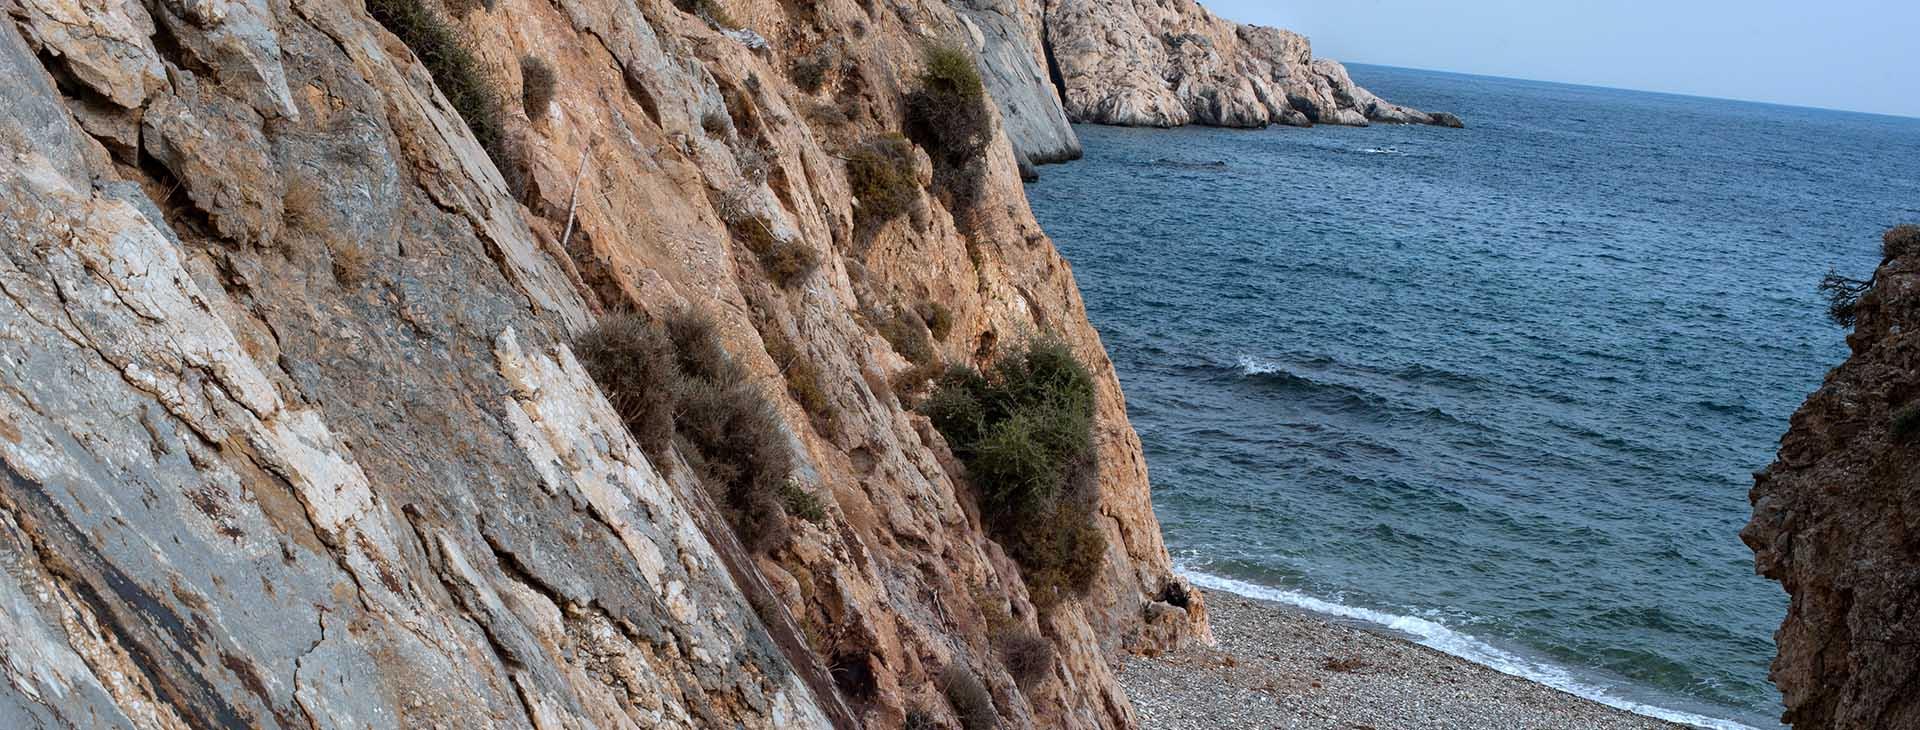 Marmaritsa beach, Maronia, Rodopi